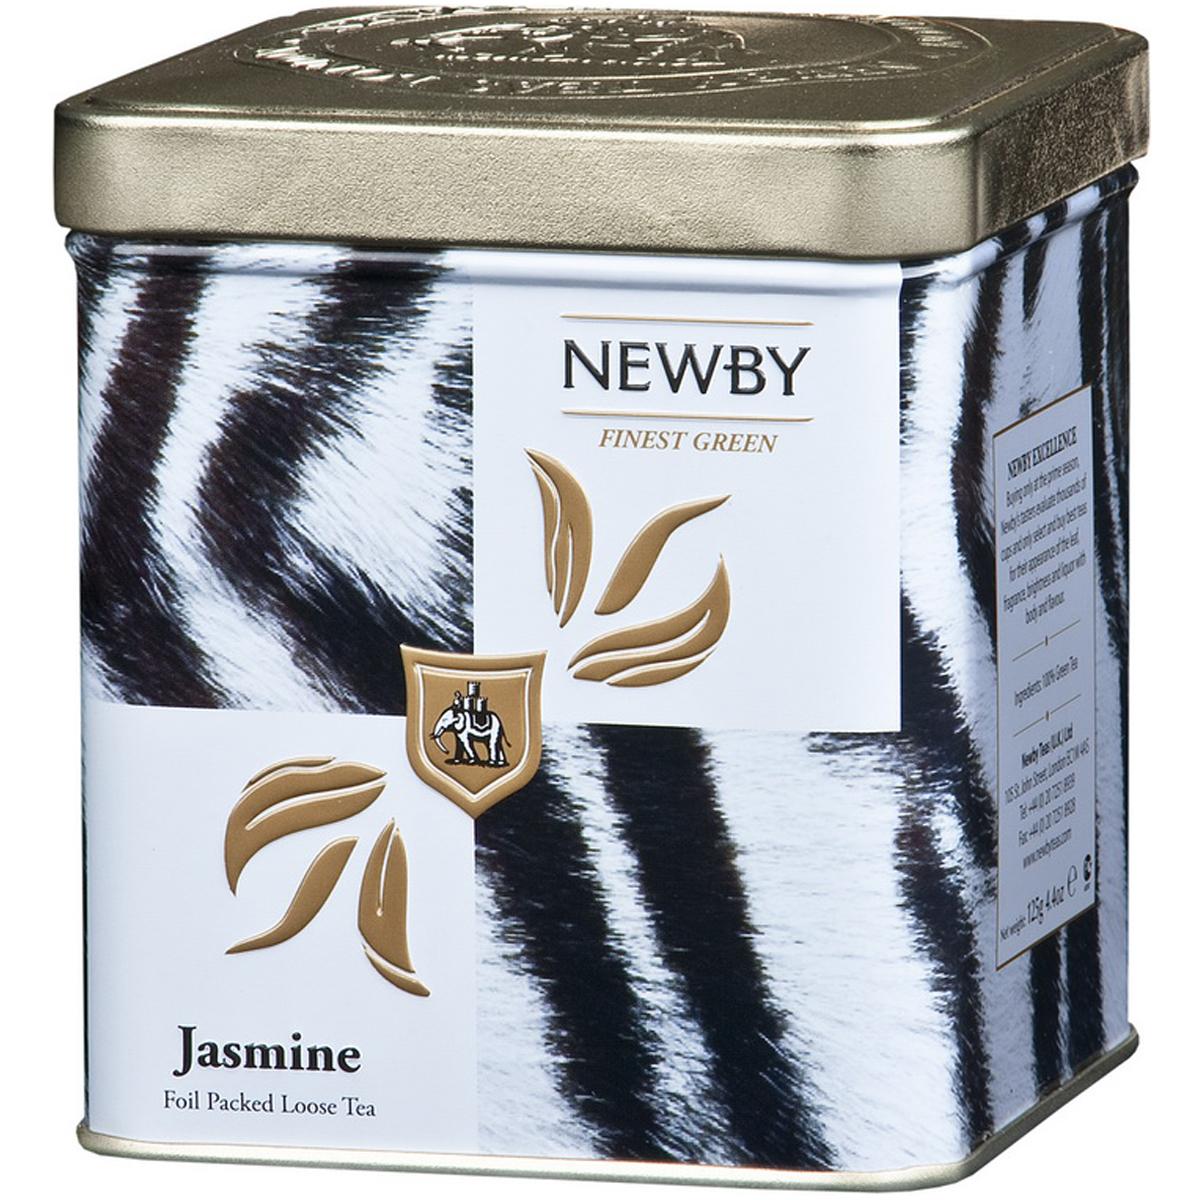 Newby Jasmine Blossom Safari зеленый листовой чай, 125 г132090Китайский листовой чай Newby Jasmine Blossom Safari с ароматом цветов жасмина. Имеет светло-медовый оттенок и ароматное цветочное послевкусие.